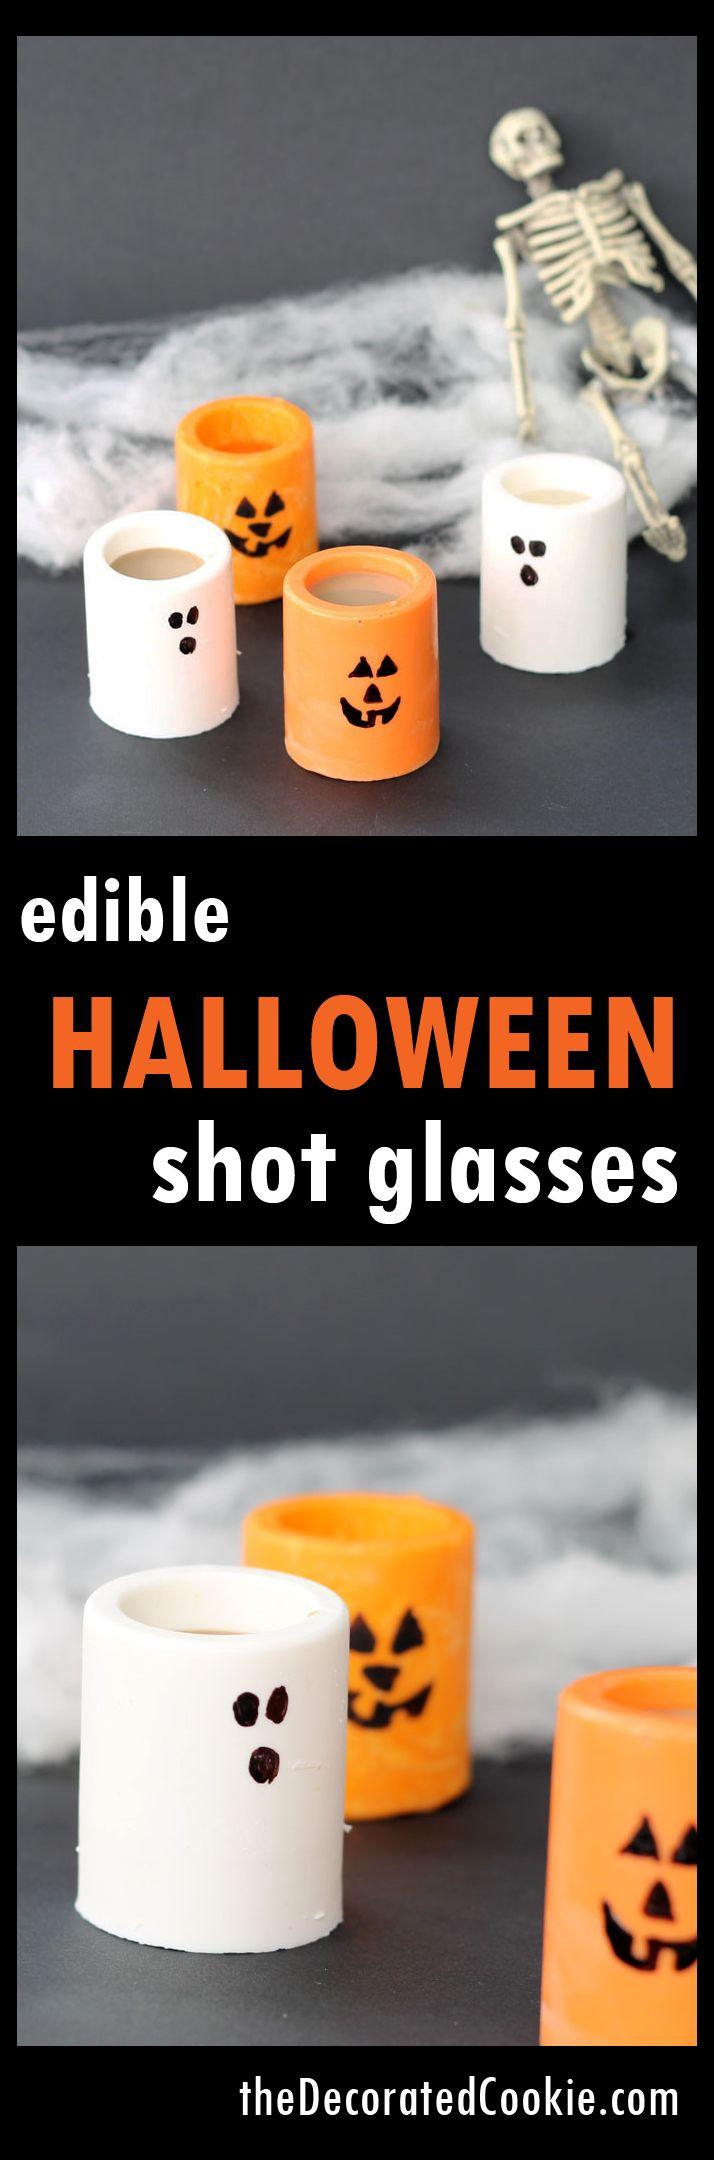 The 25+ best Halloween shots ideas on Pinterest